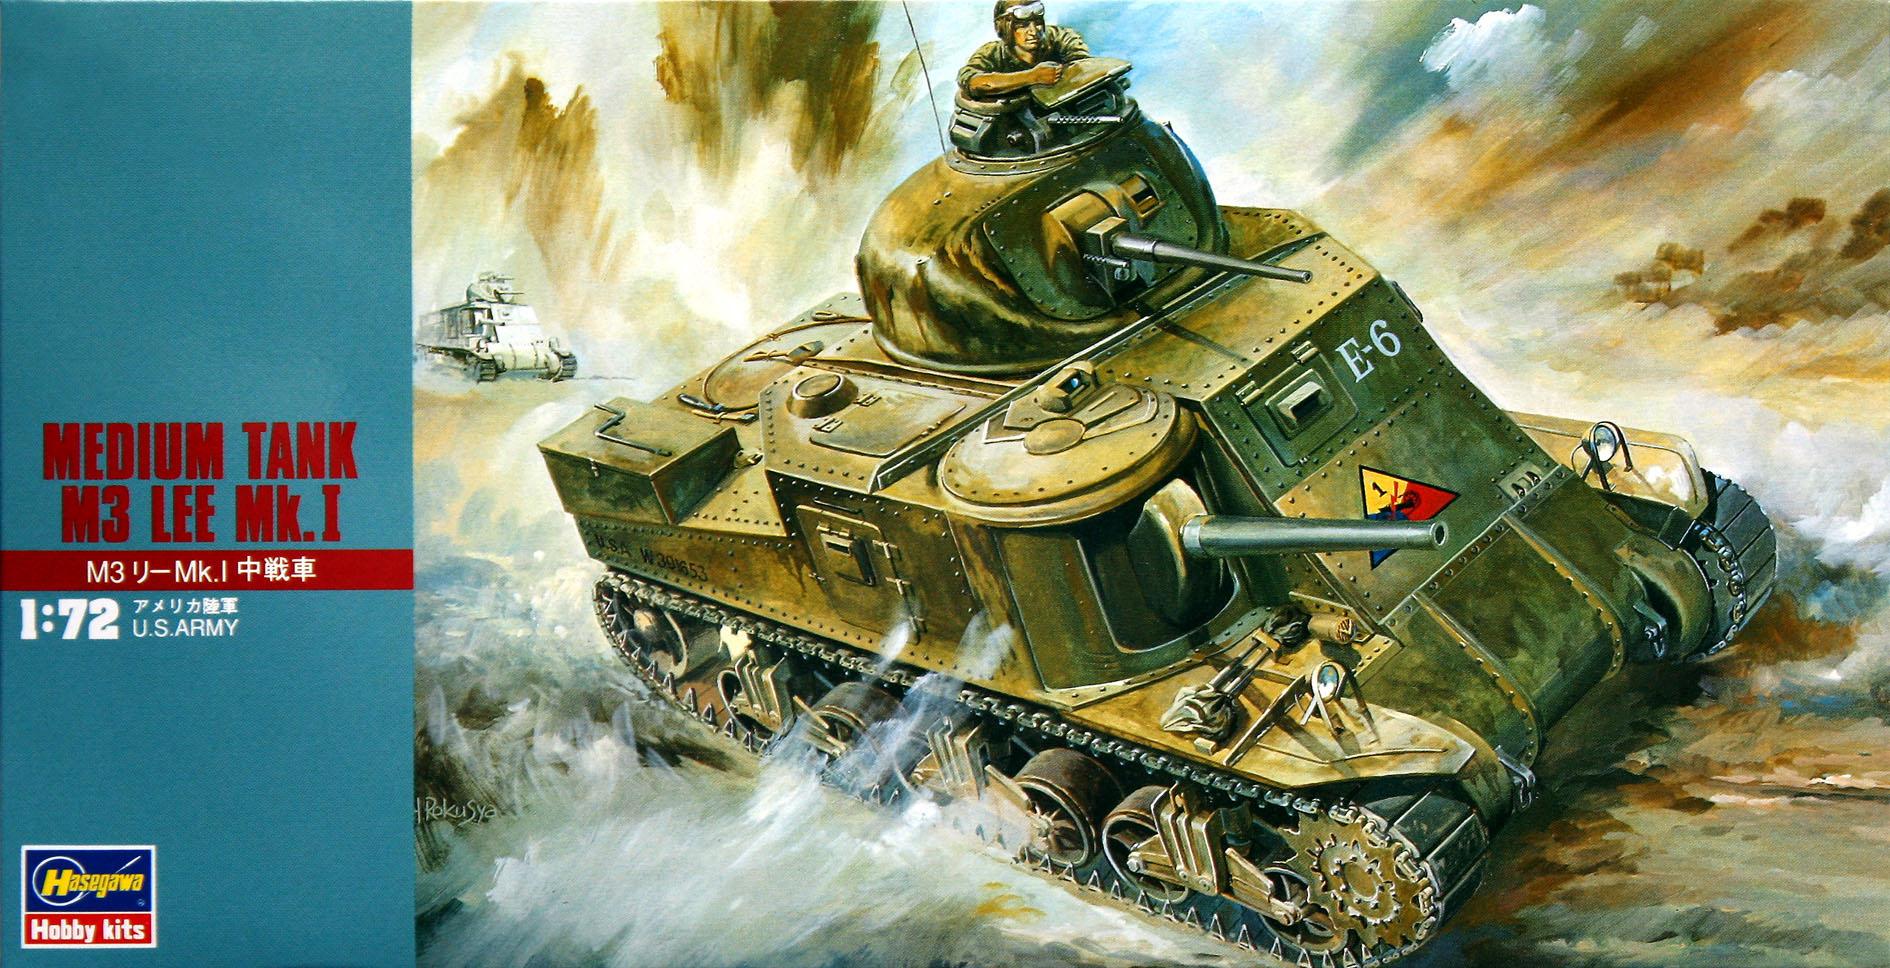 Hasegawa 1/72 Medium Tank M3 Lee Mk.I